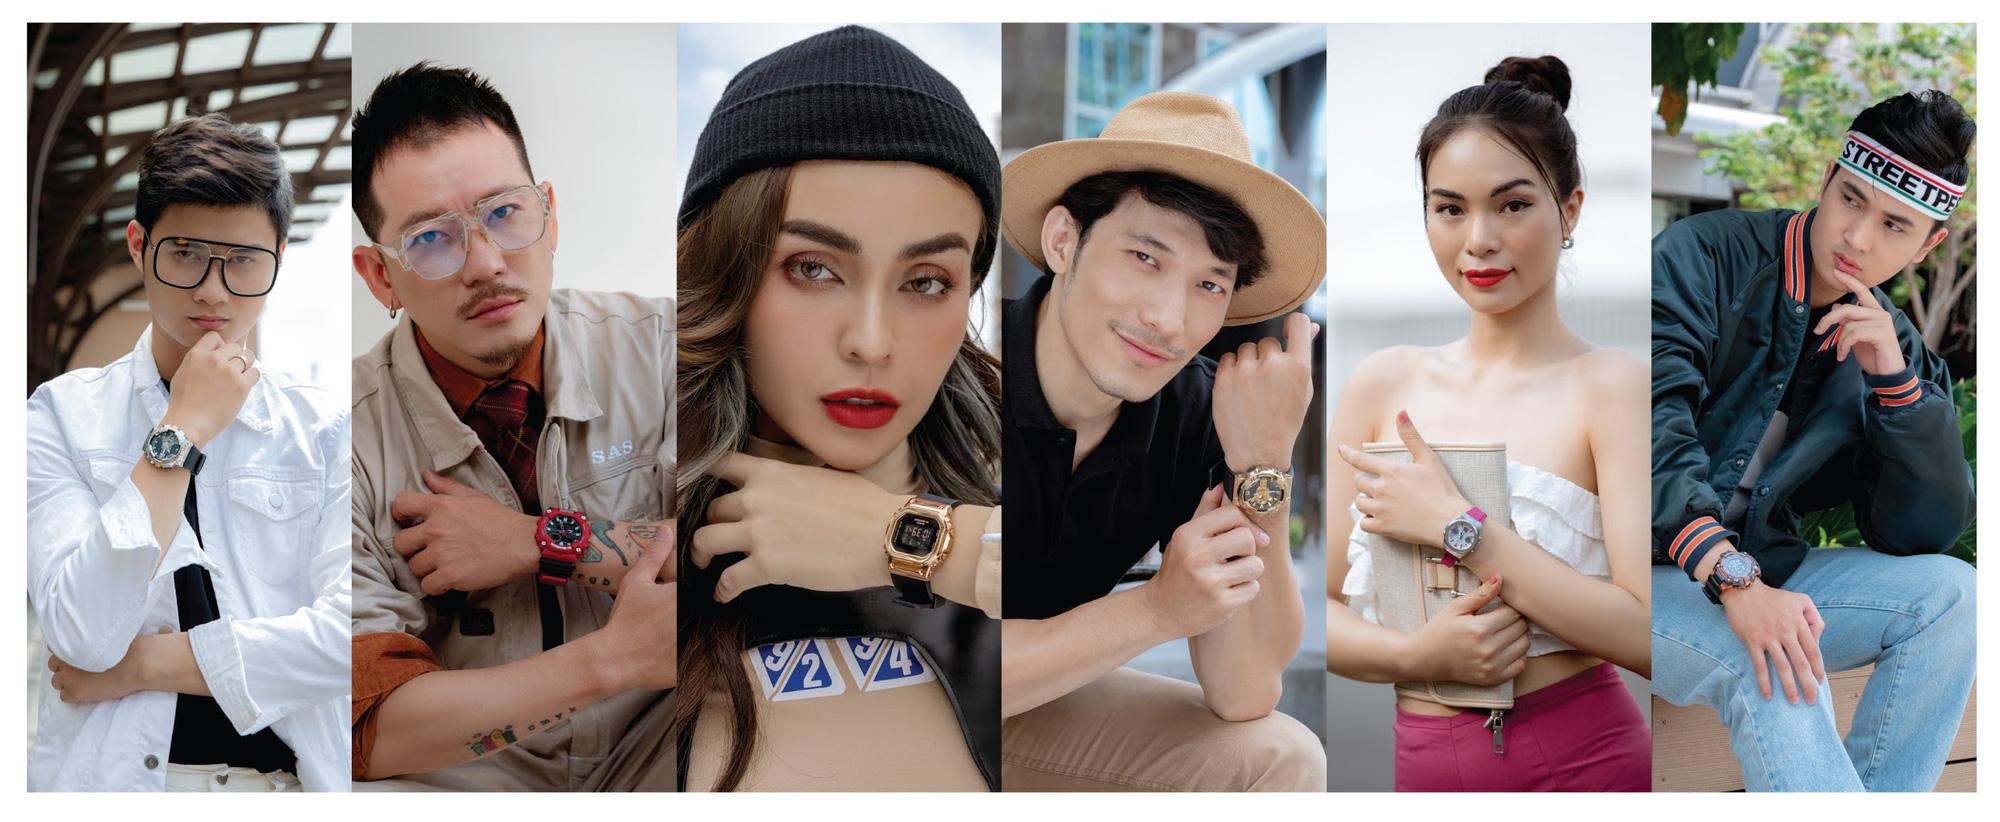 Sao Việt và giới trẻ khoe outfit cá tính cùng G-Shock, Baby-G - Ảnh 5.